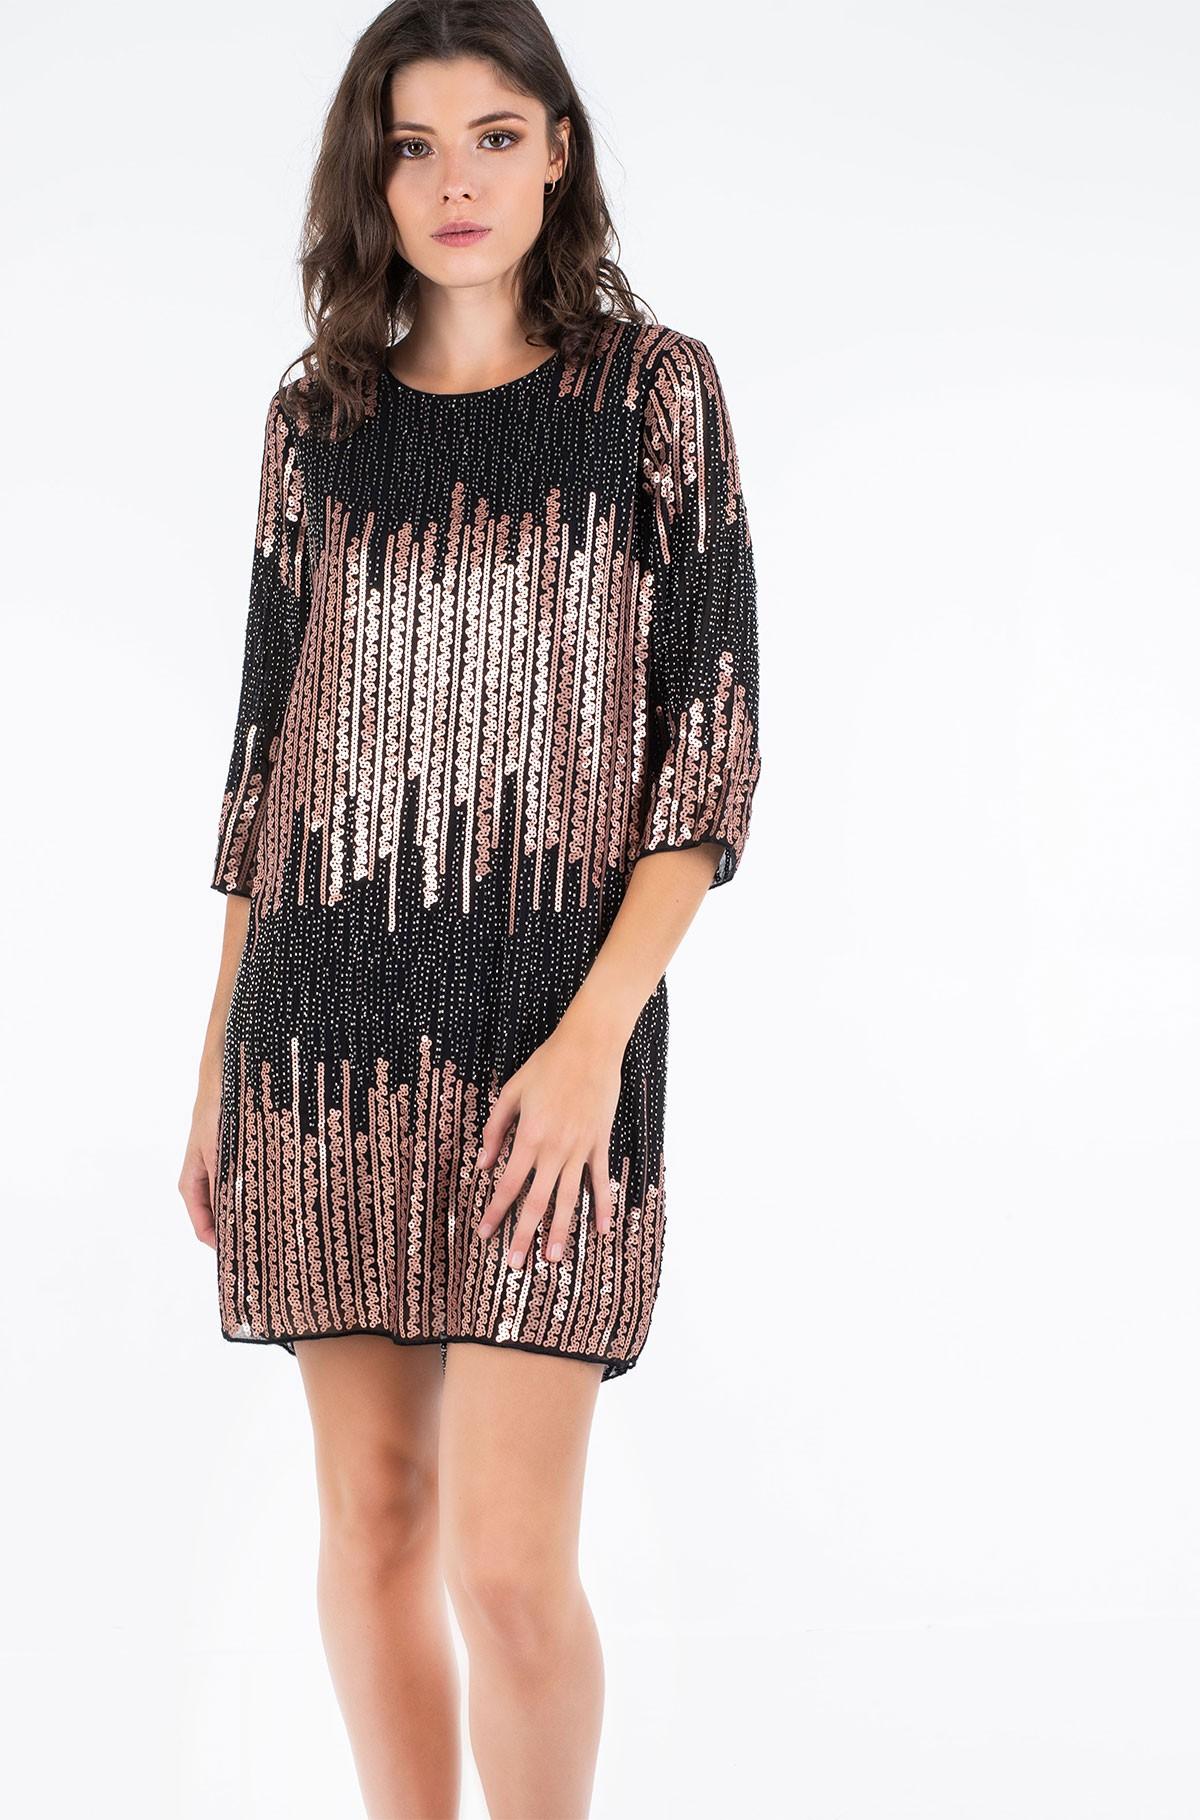 Suknelė su žvyneliais W727H20-full-1